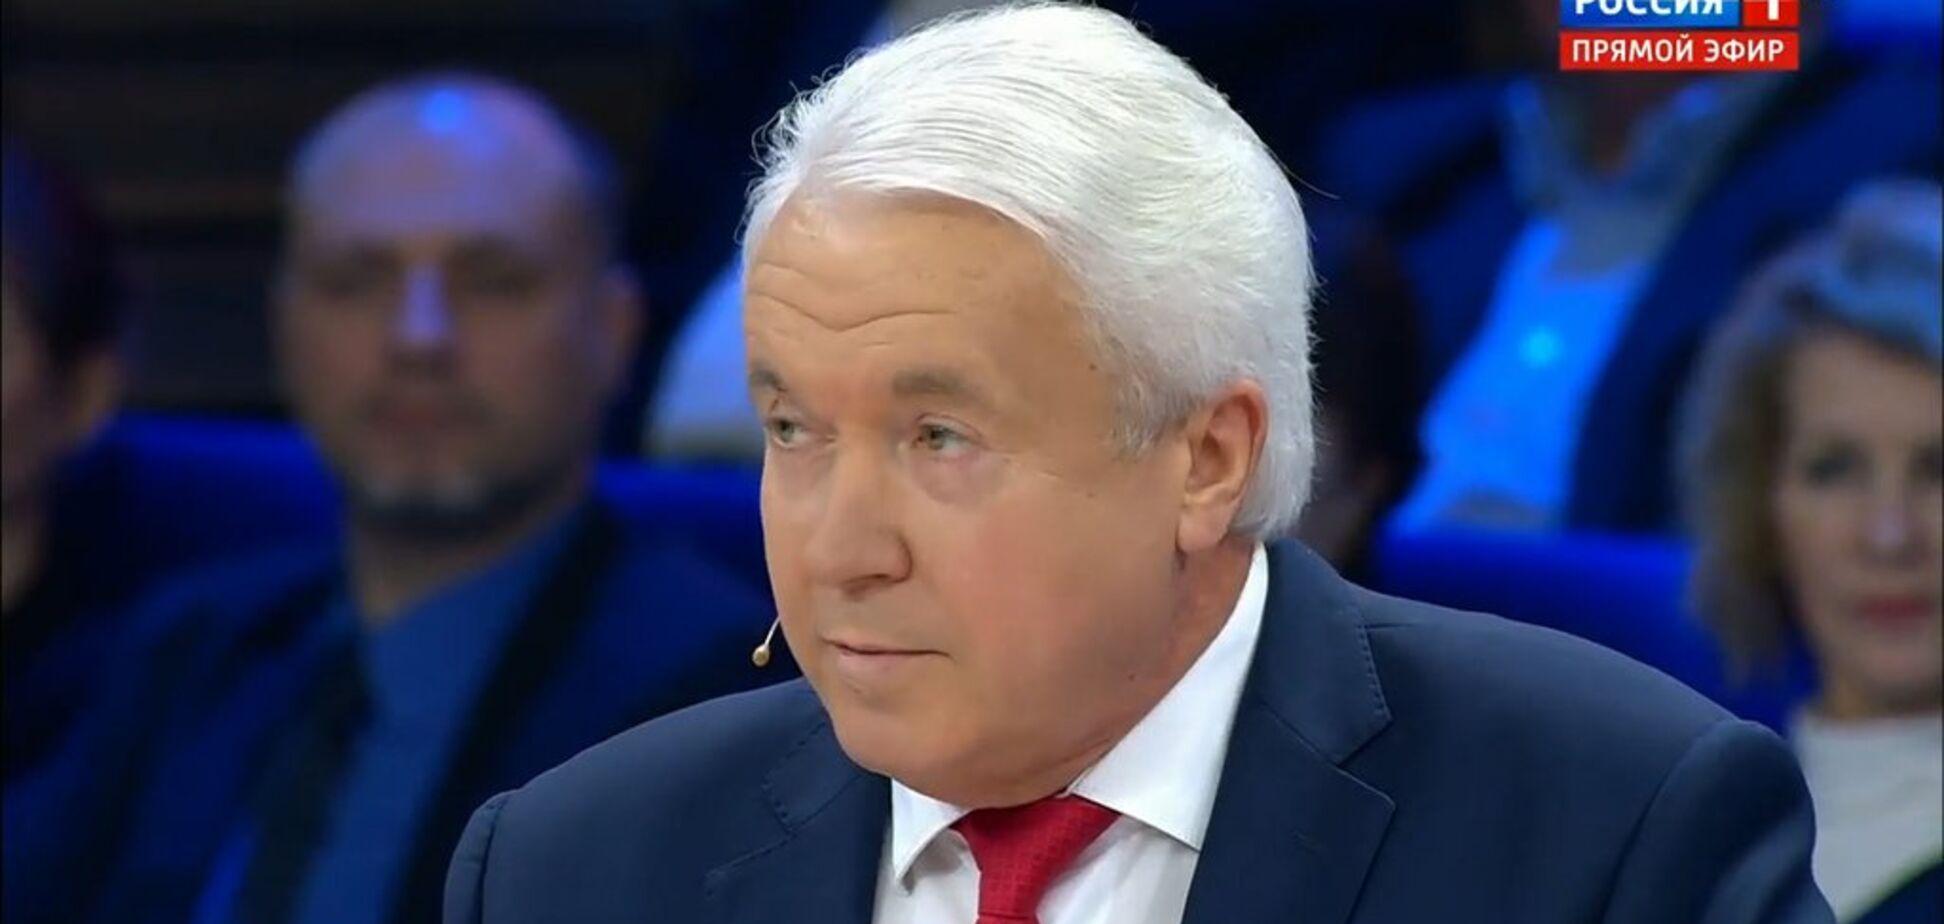 Олейник оскандалился нелепыми шутками об Украине на росТВ